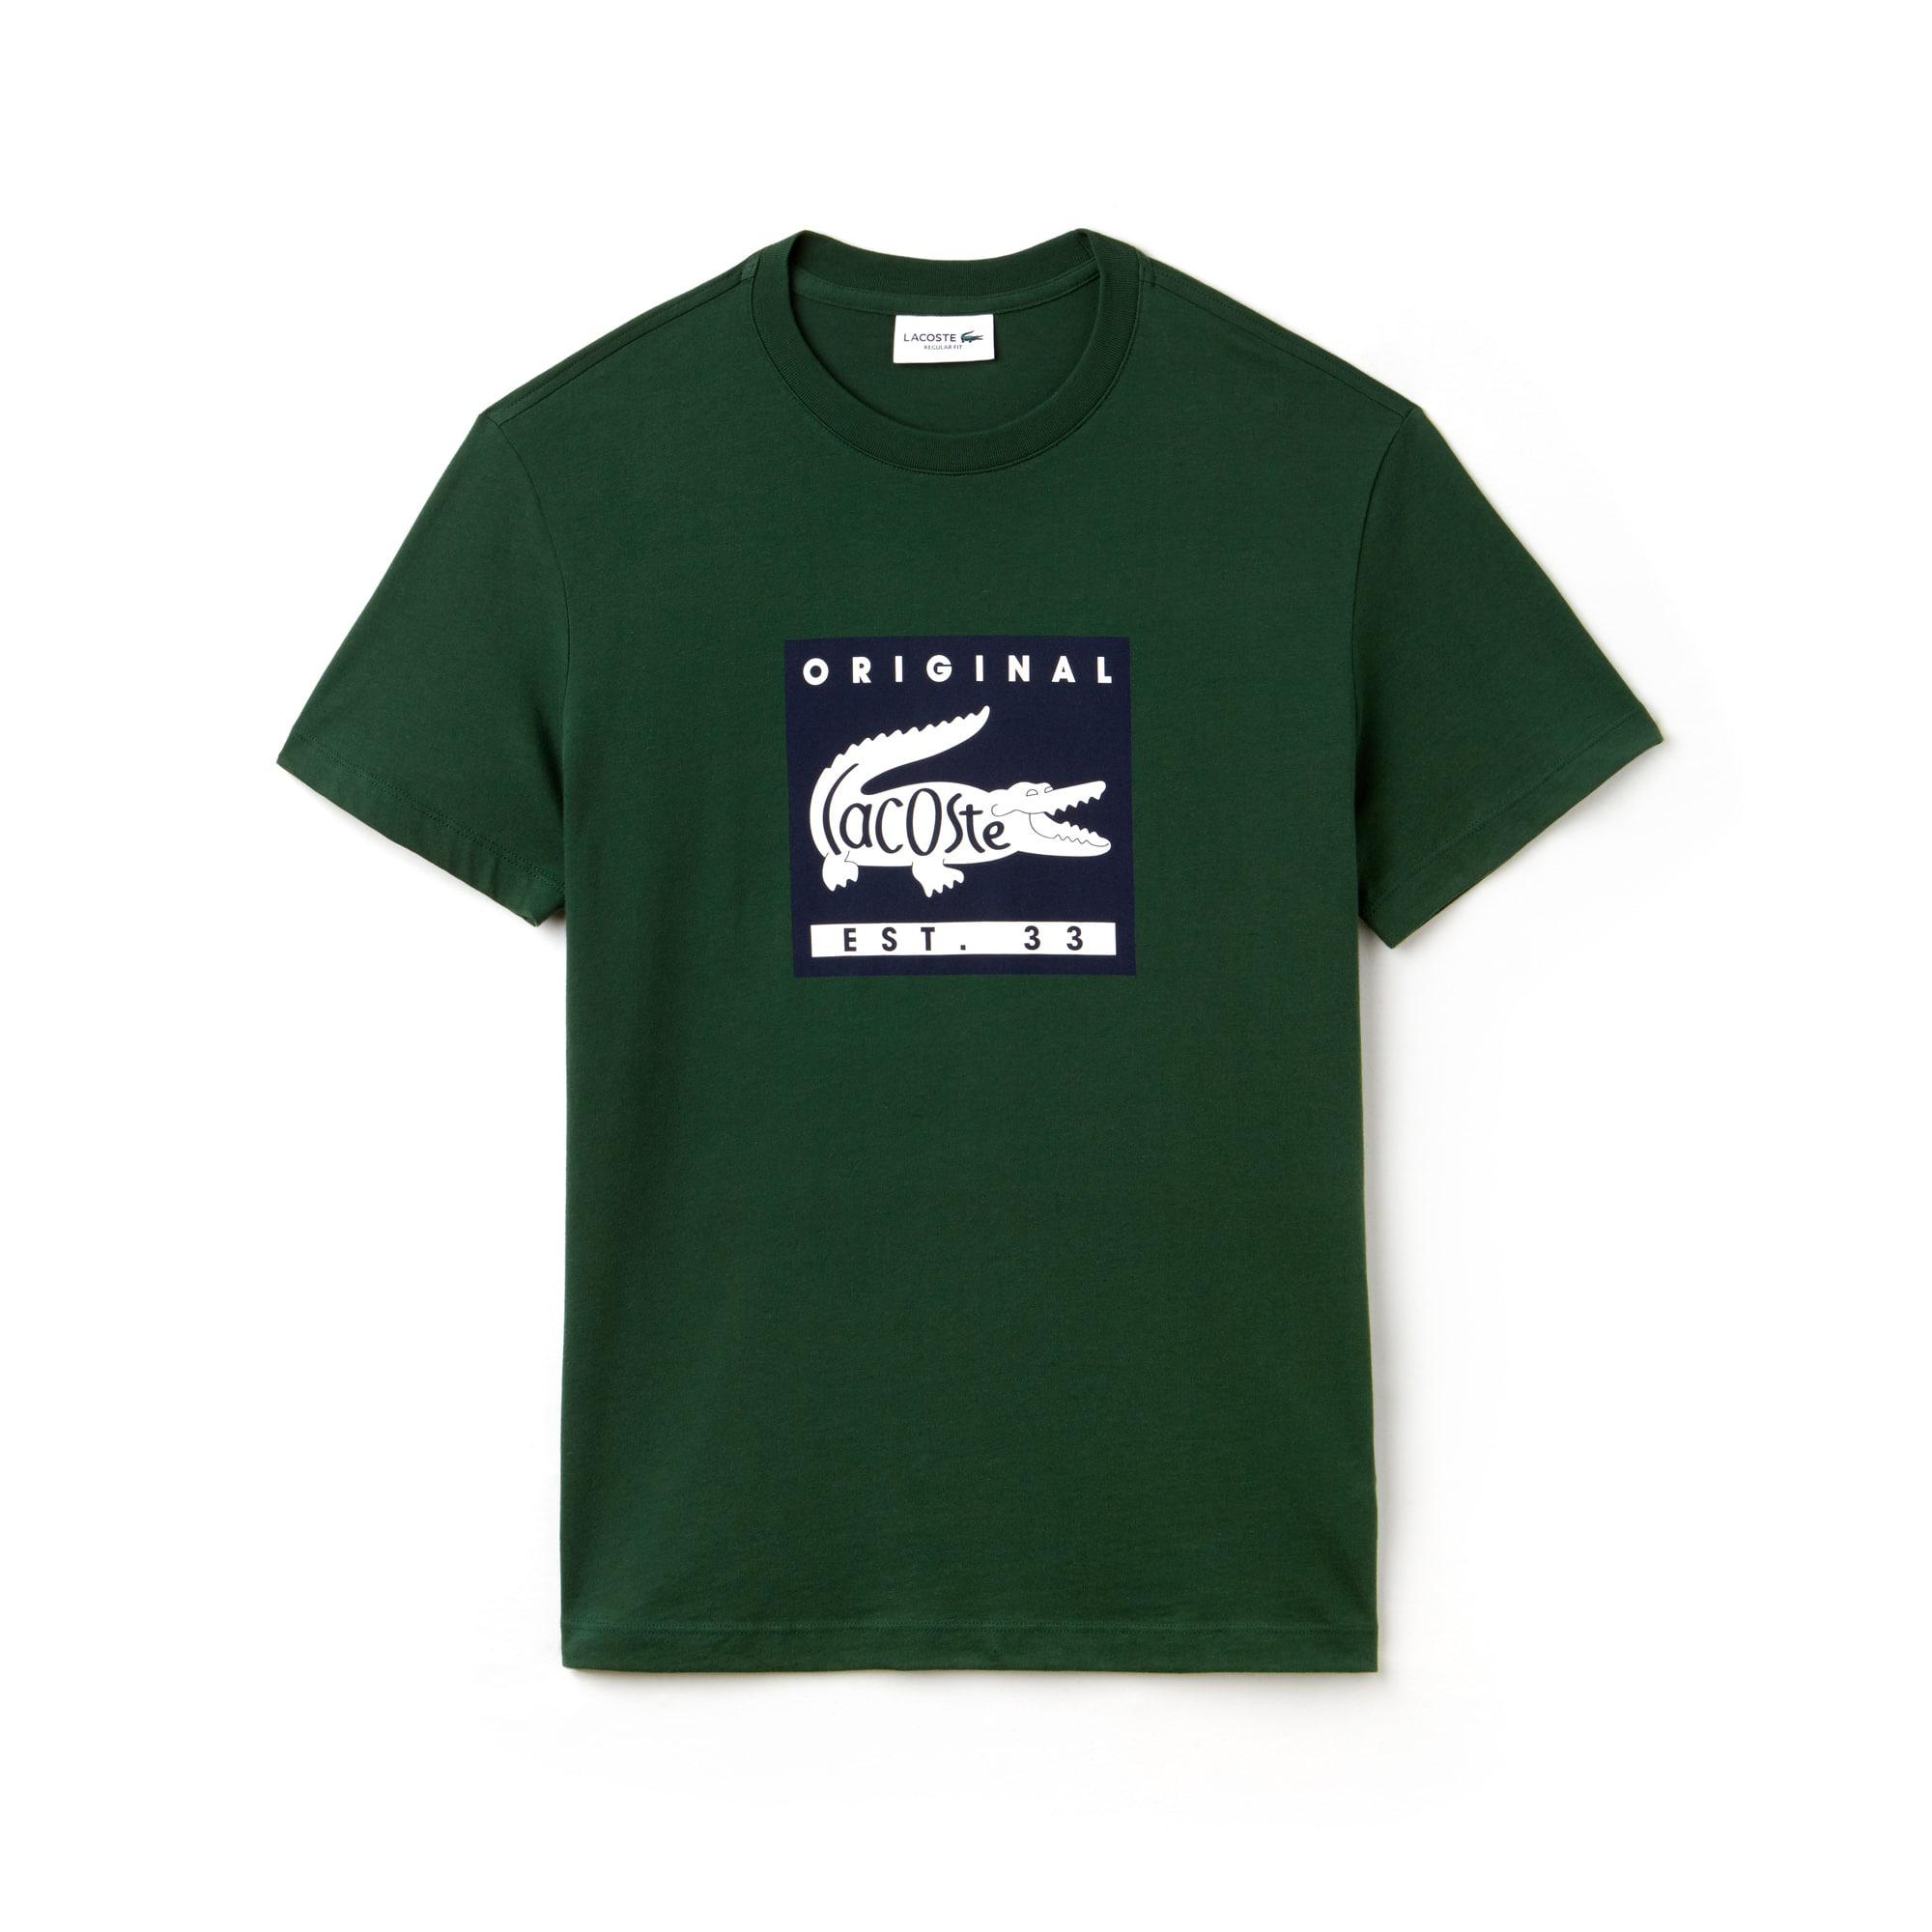 754b403b7e7 Men s Crew Neck Lacoste Original Lettering Jersey T-shirt ...